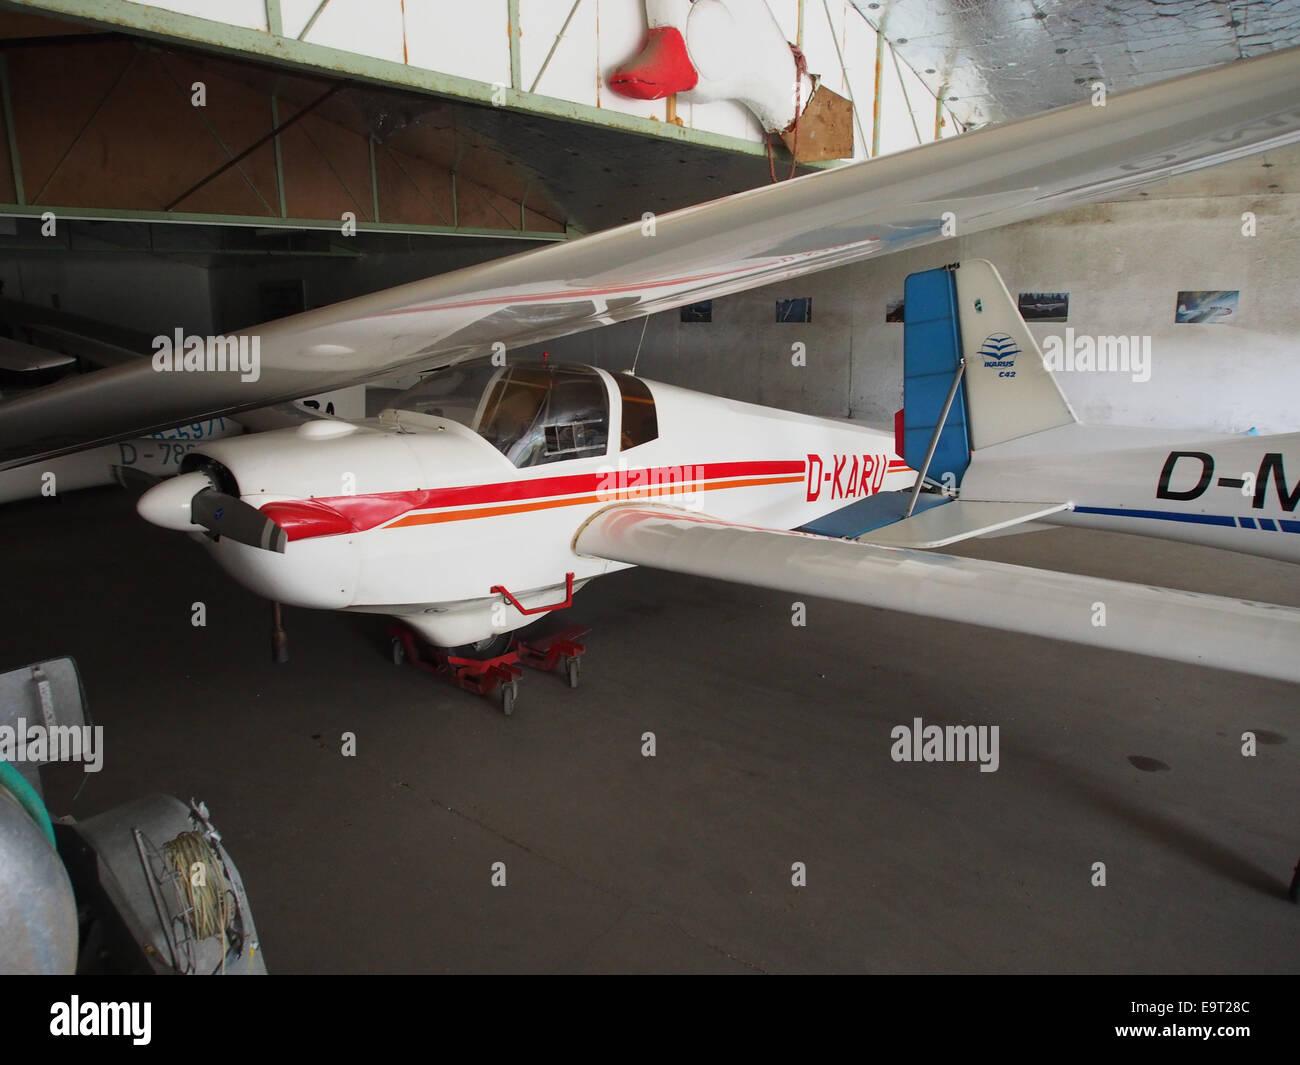 D-KARU, SCHEIBE SF-25D FALKE in a hanger at Flugplatz Daun-Senheld - Stock Image